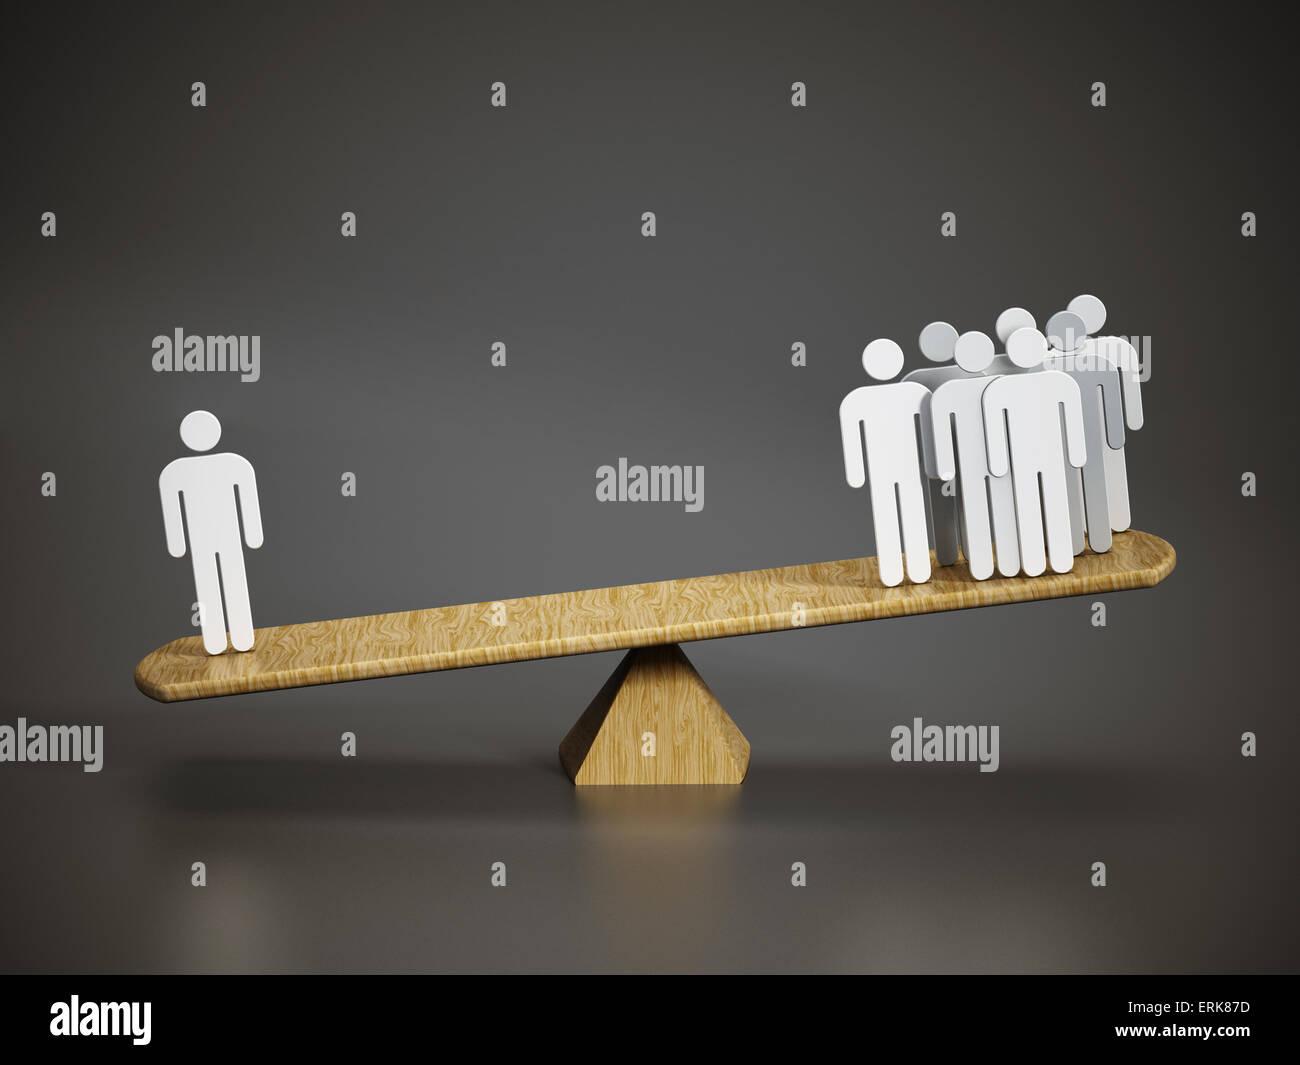 Business il concetto di equilibrio con un uomo contro un gruppo di persone sull'altalena. Immagini Stock